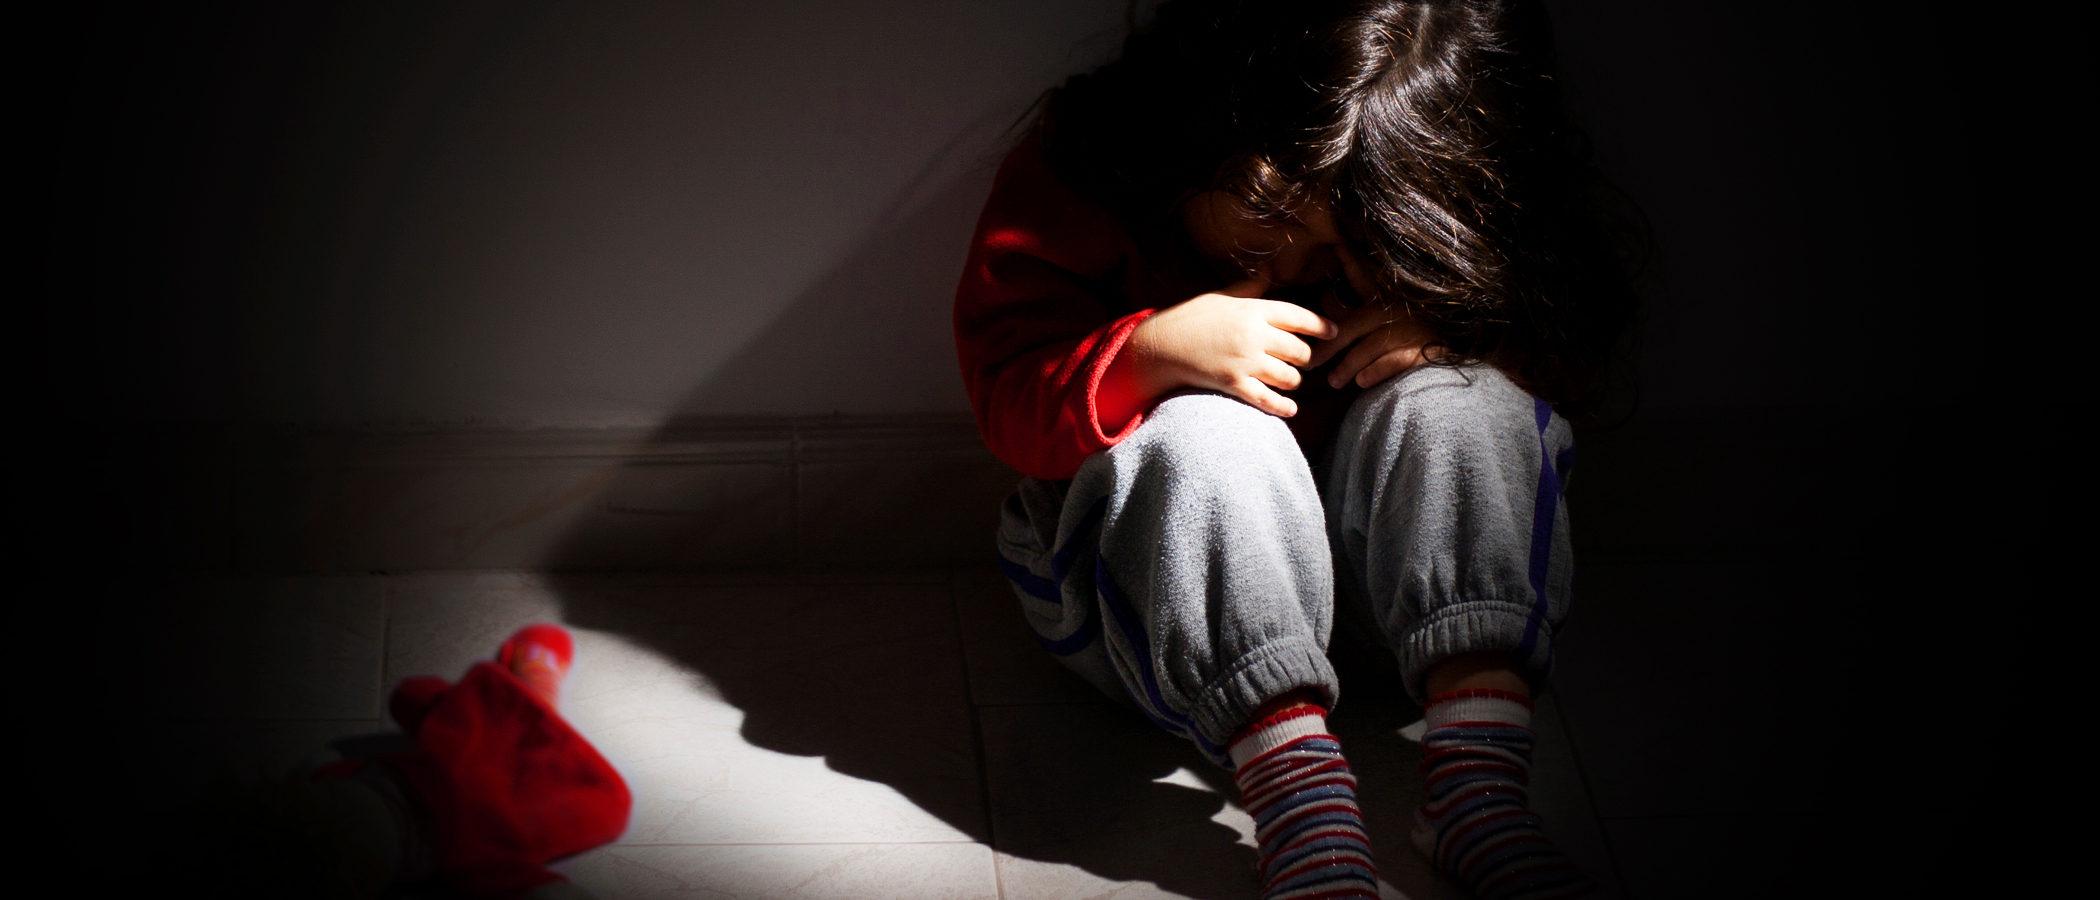 Identificar y actuar ante un caso de abuso sexual infantil